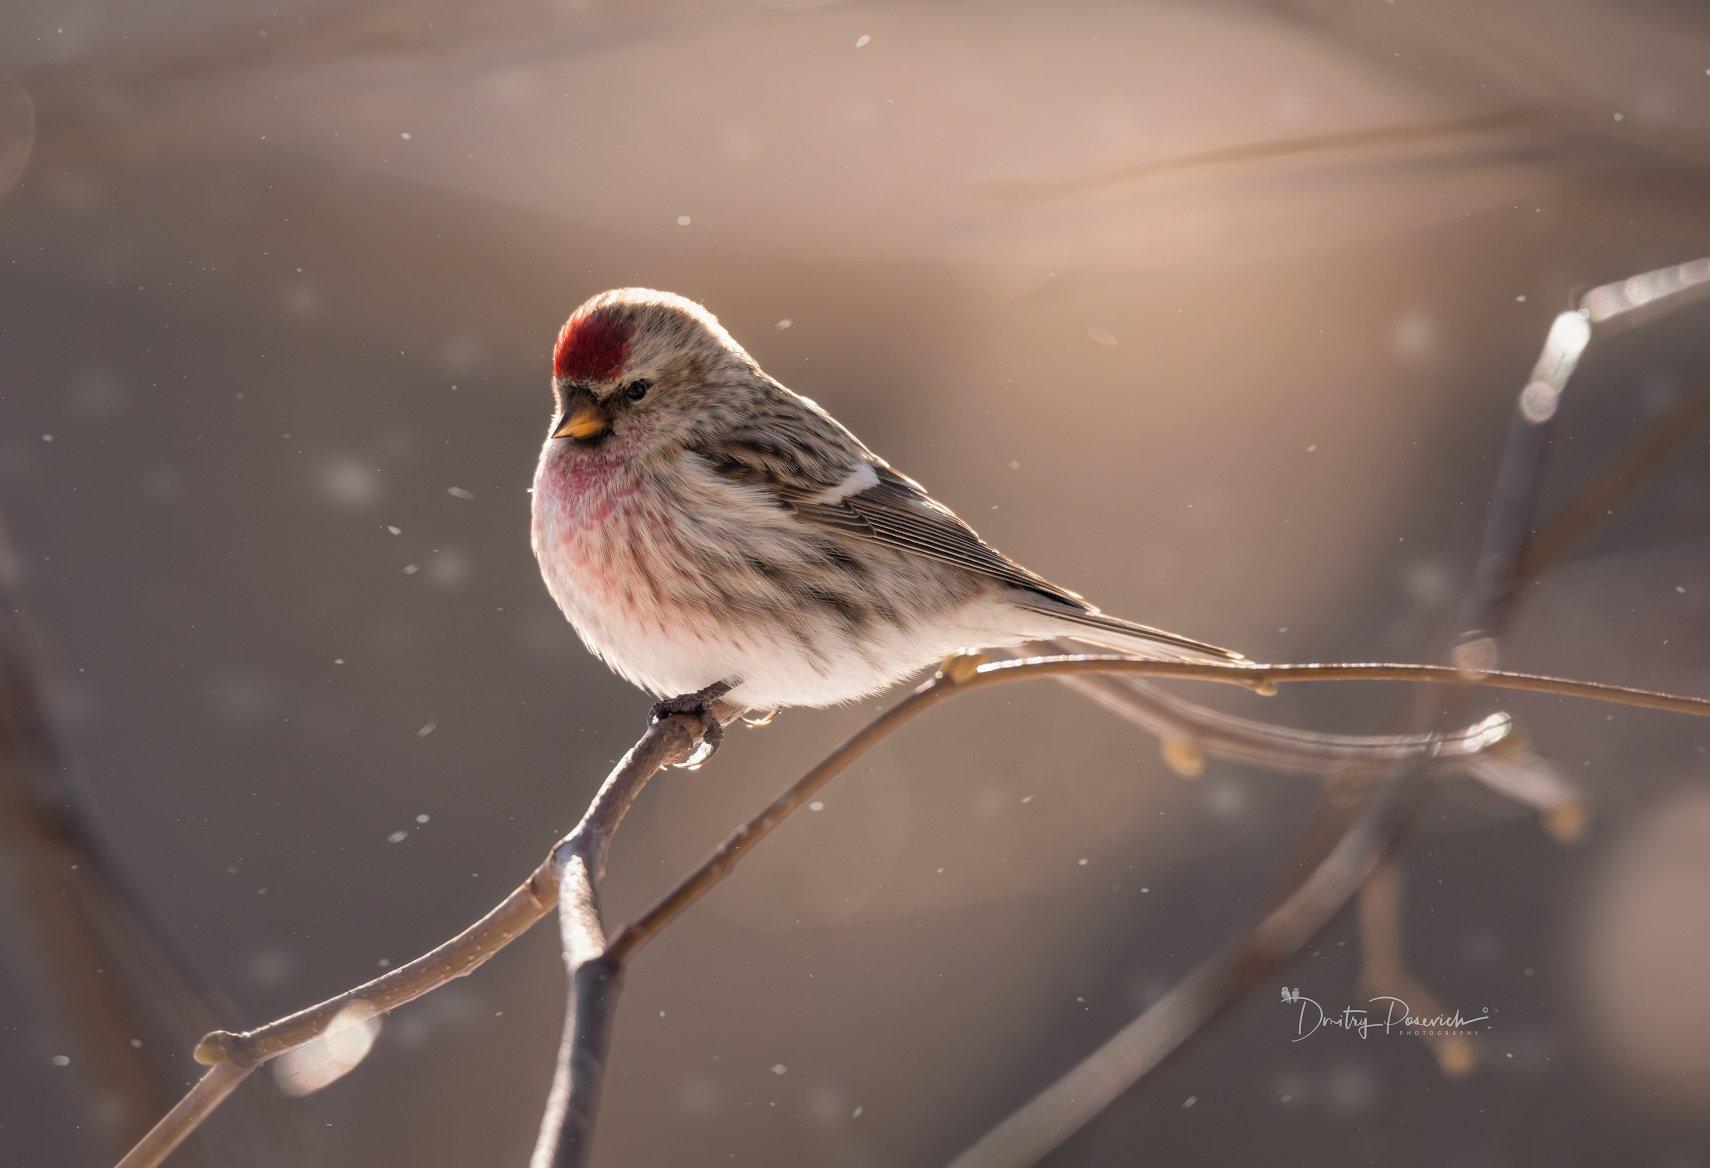 природа, животные, птицы, Дмитрий Посевич